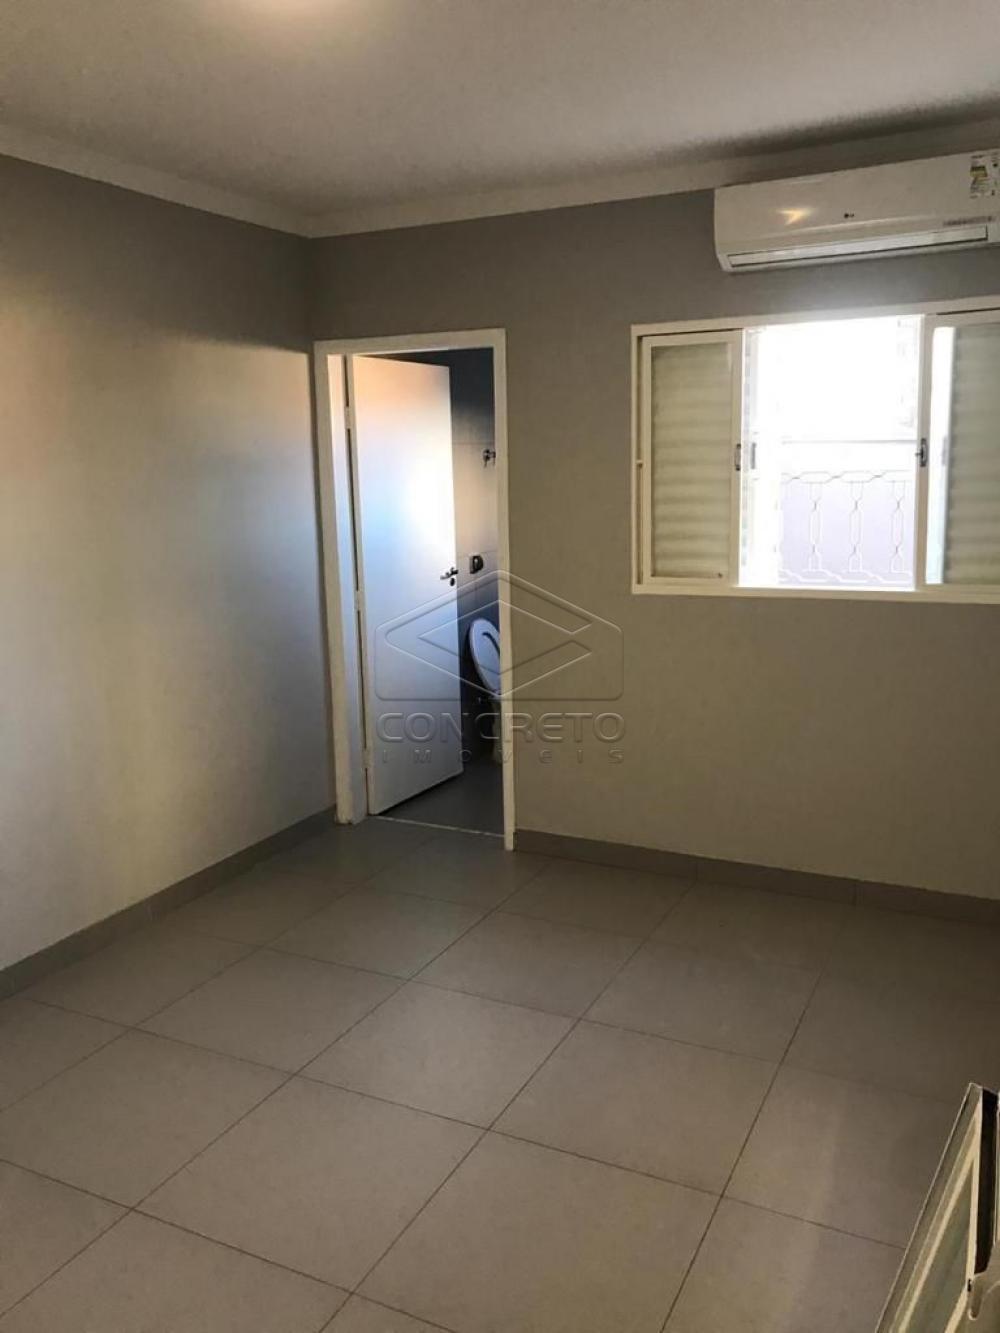 Comprar Casa / Padrão em Bauru R$ 350.000,00 - Foto 8